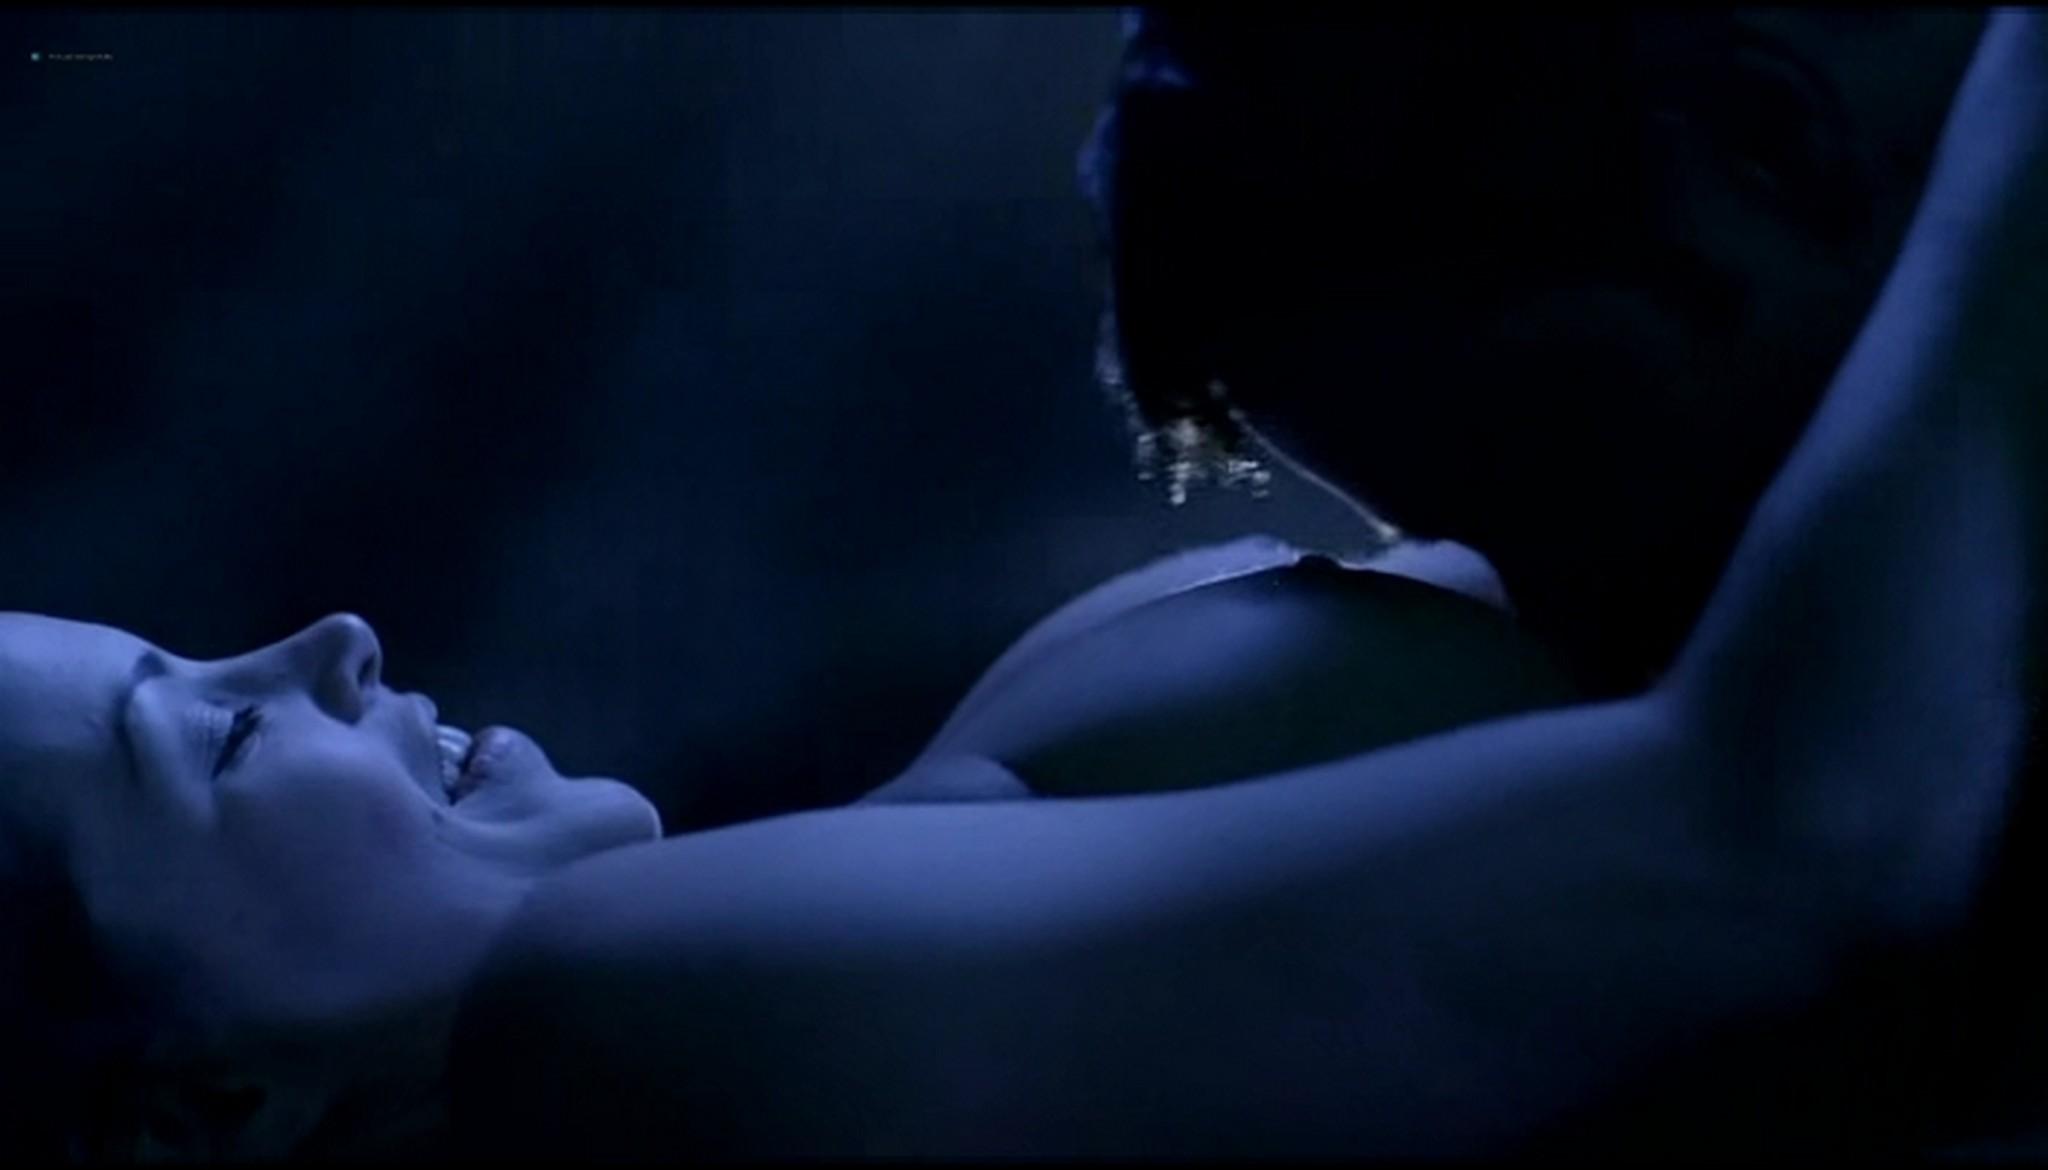 Joy corrigan nude by rayan ayash sexy, nude, naked celebrity photos